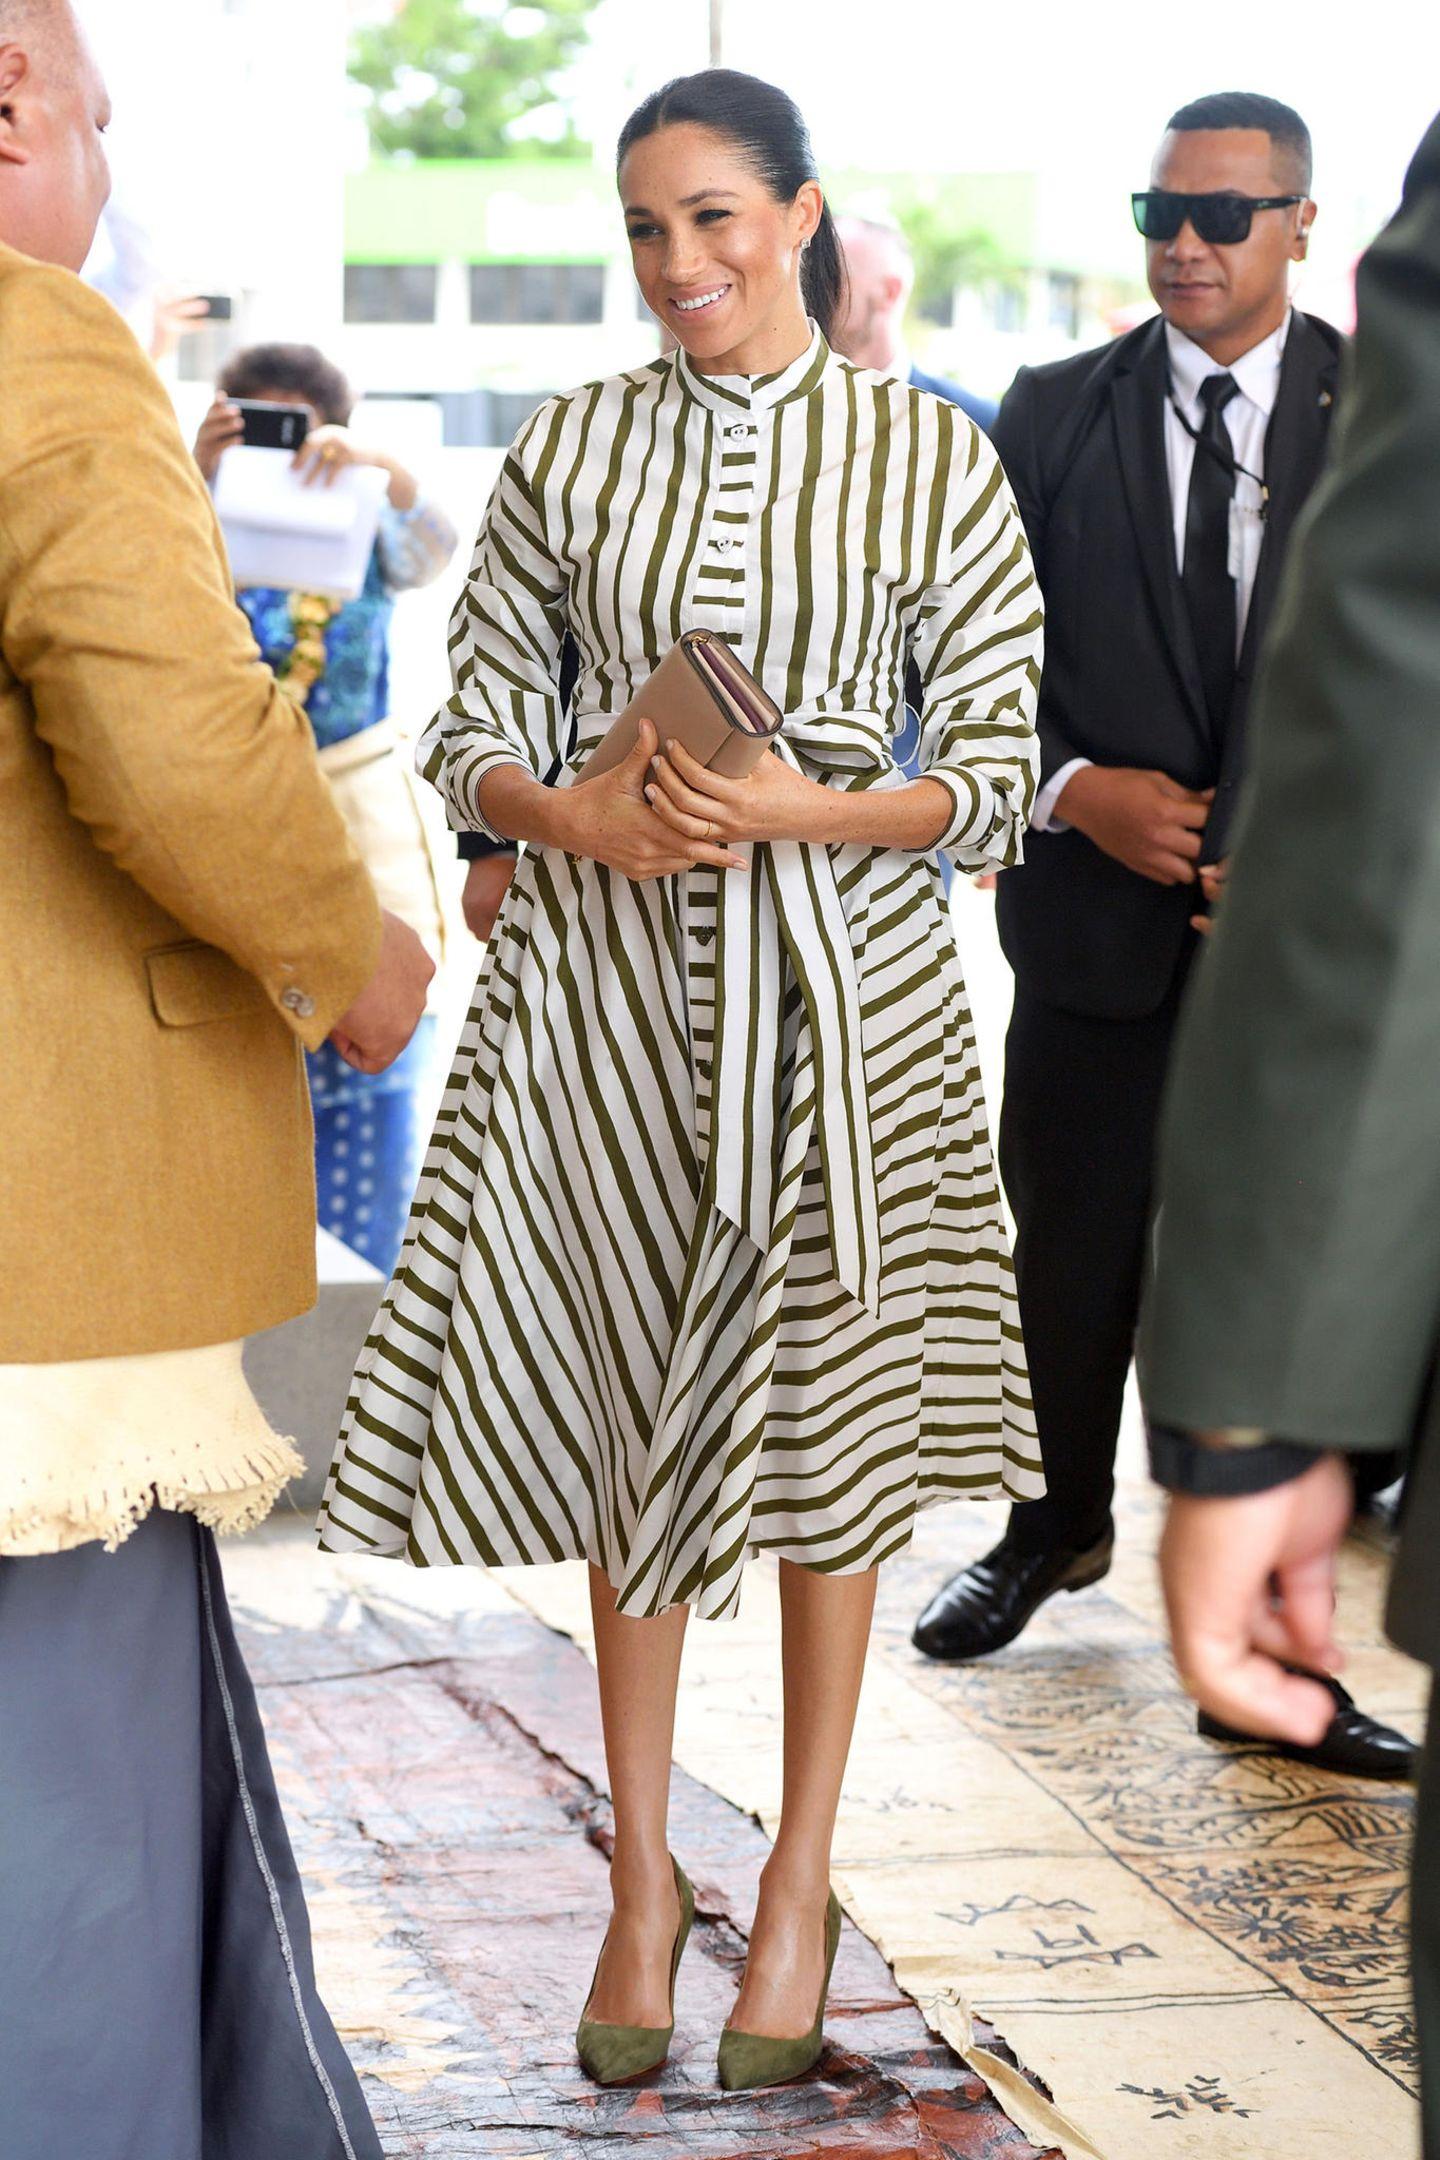 Für das Treffen mit dem Premierminister von Tonga wählt Herzogin Meghan ein grün-weiß-gestreiftes Baumwollkleid des australischen Designers Martin Grant. Das Babybäuchlein wird allerdings hinter ihrer Clutch versteckt